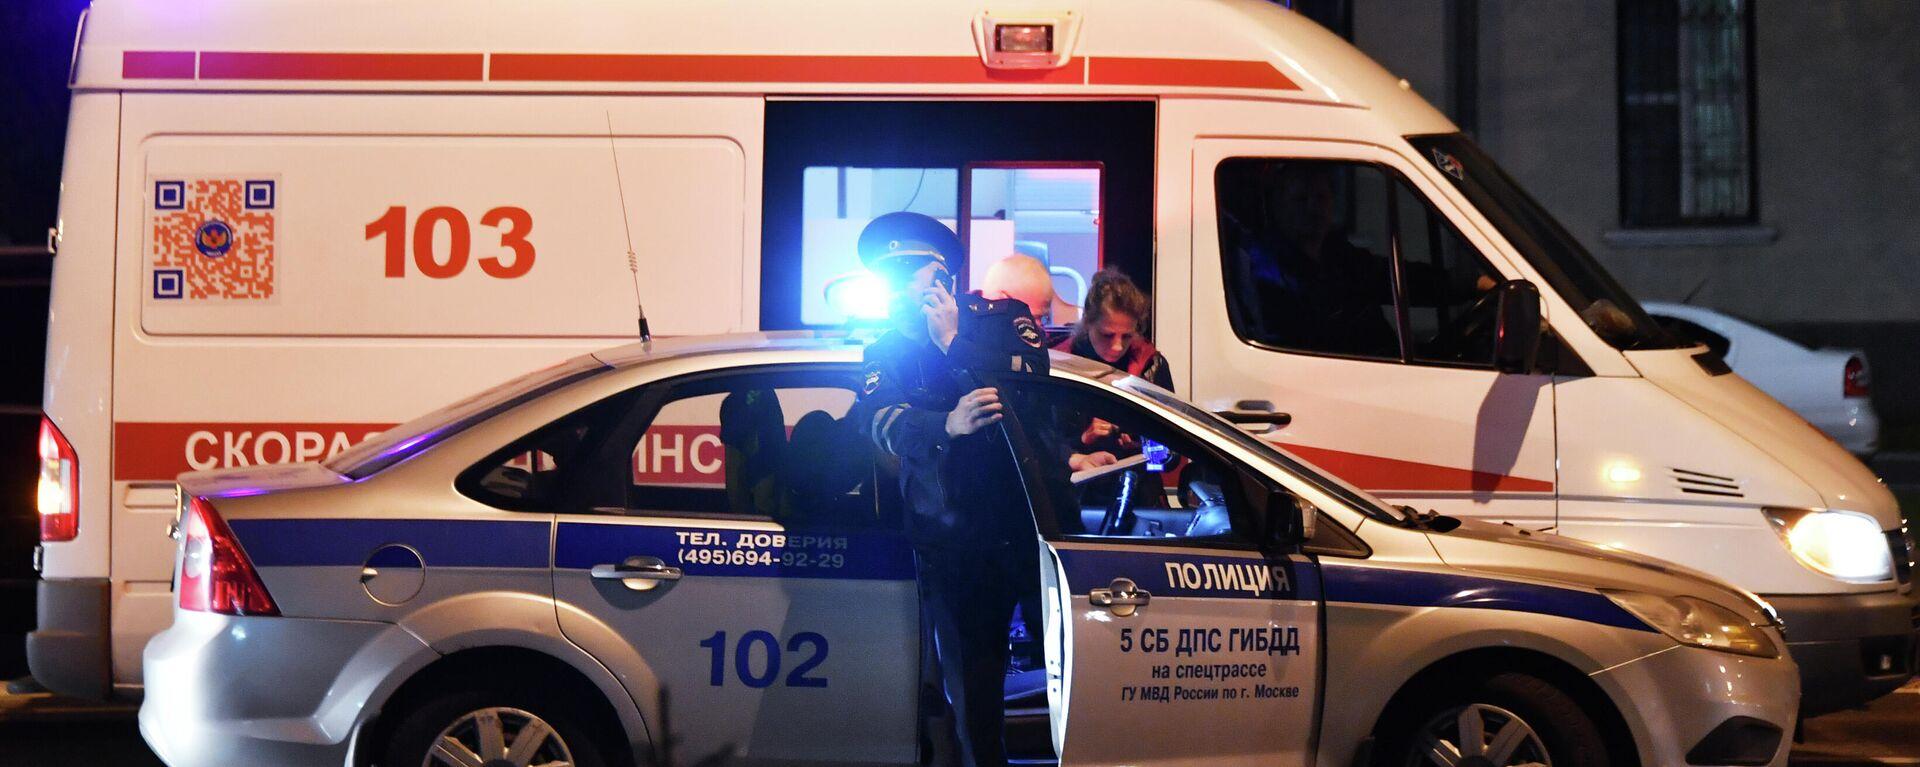 Автомобили полиции и скорой медицинской помощи, архивное фото - Sputnik Тоҷикистон, 1920, 14.07.2021